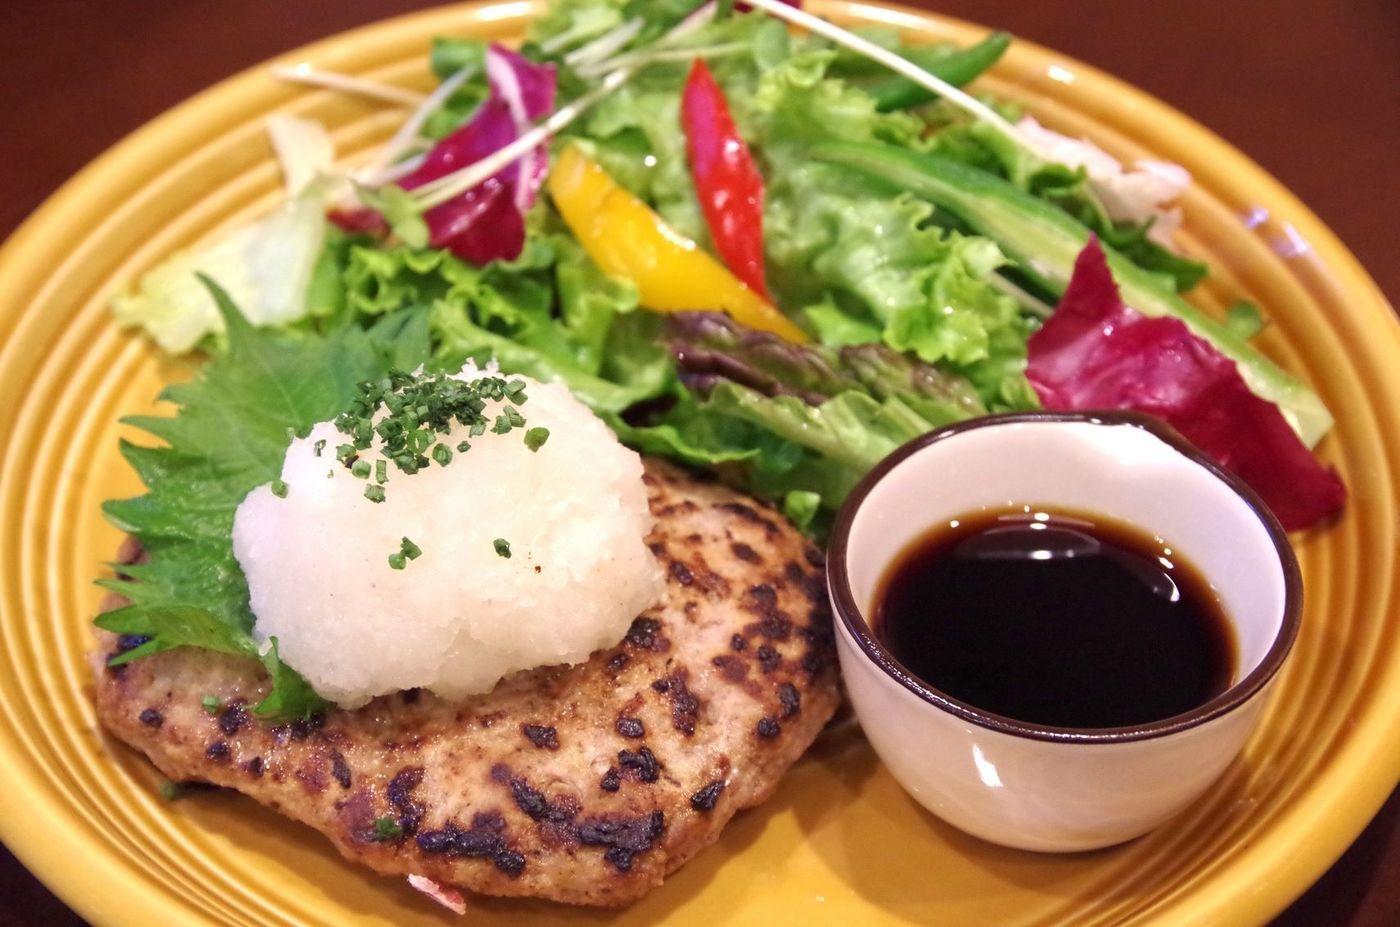 【ジューシー】人形町でハンバーグを食べたい!肉好きおすすめ6選!の画像